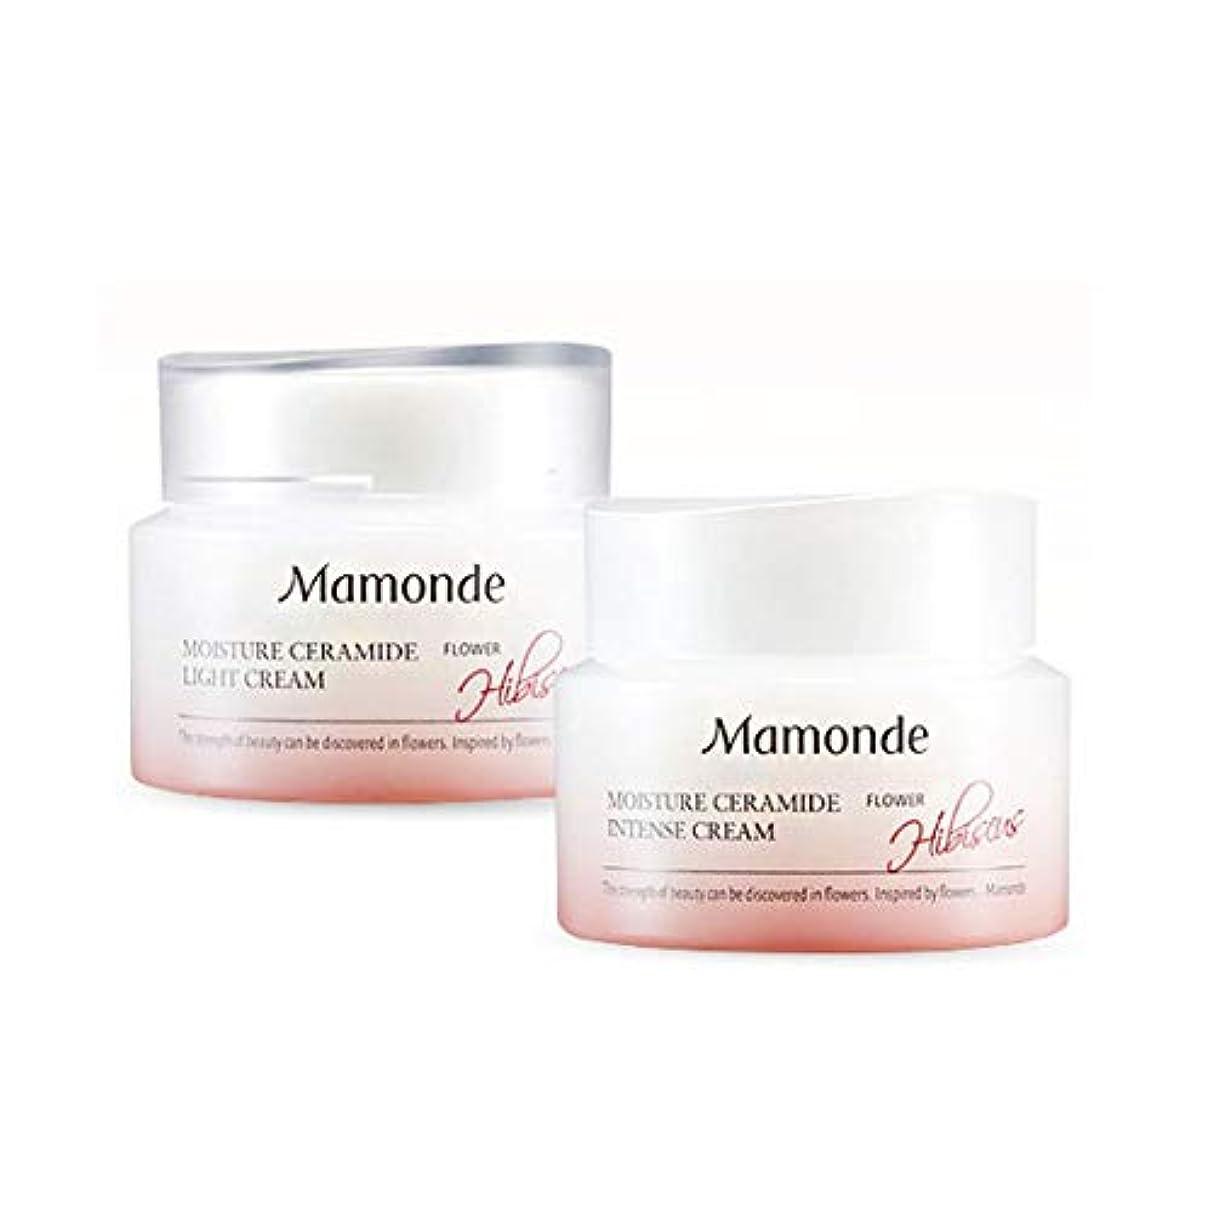 裕福な分配します我慢するマモンドモイスチャーセラミドインテンスクリーム50mlx2本セット韓国コスメ、Mamonde Moisture Ceramide Intense Cream 50ml x 2ea Set Korean Cosmetics...